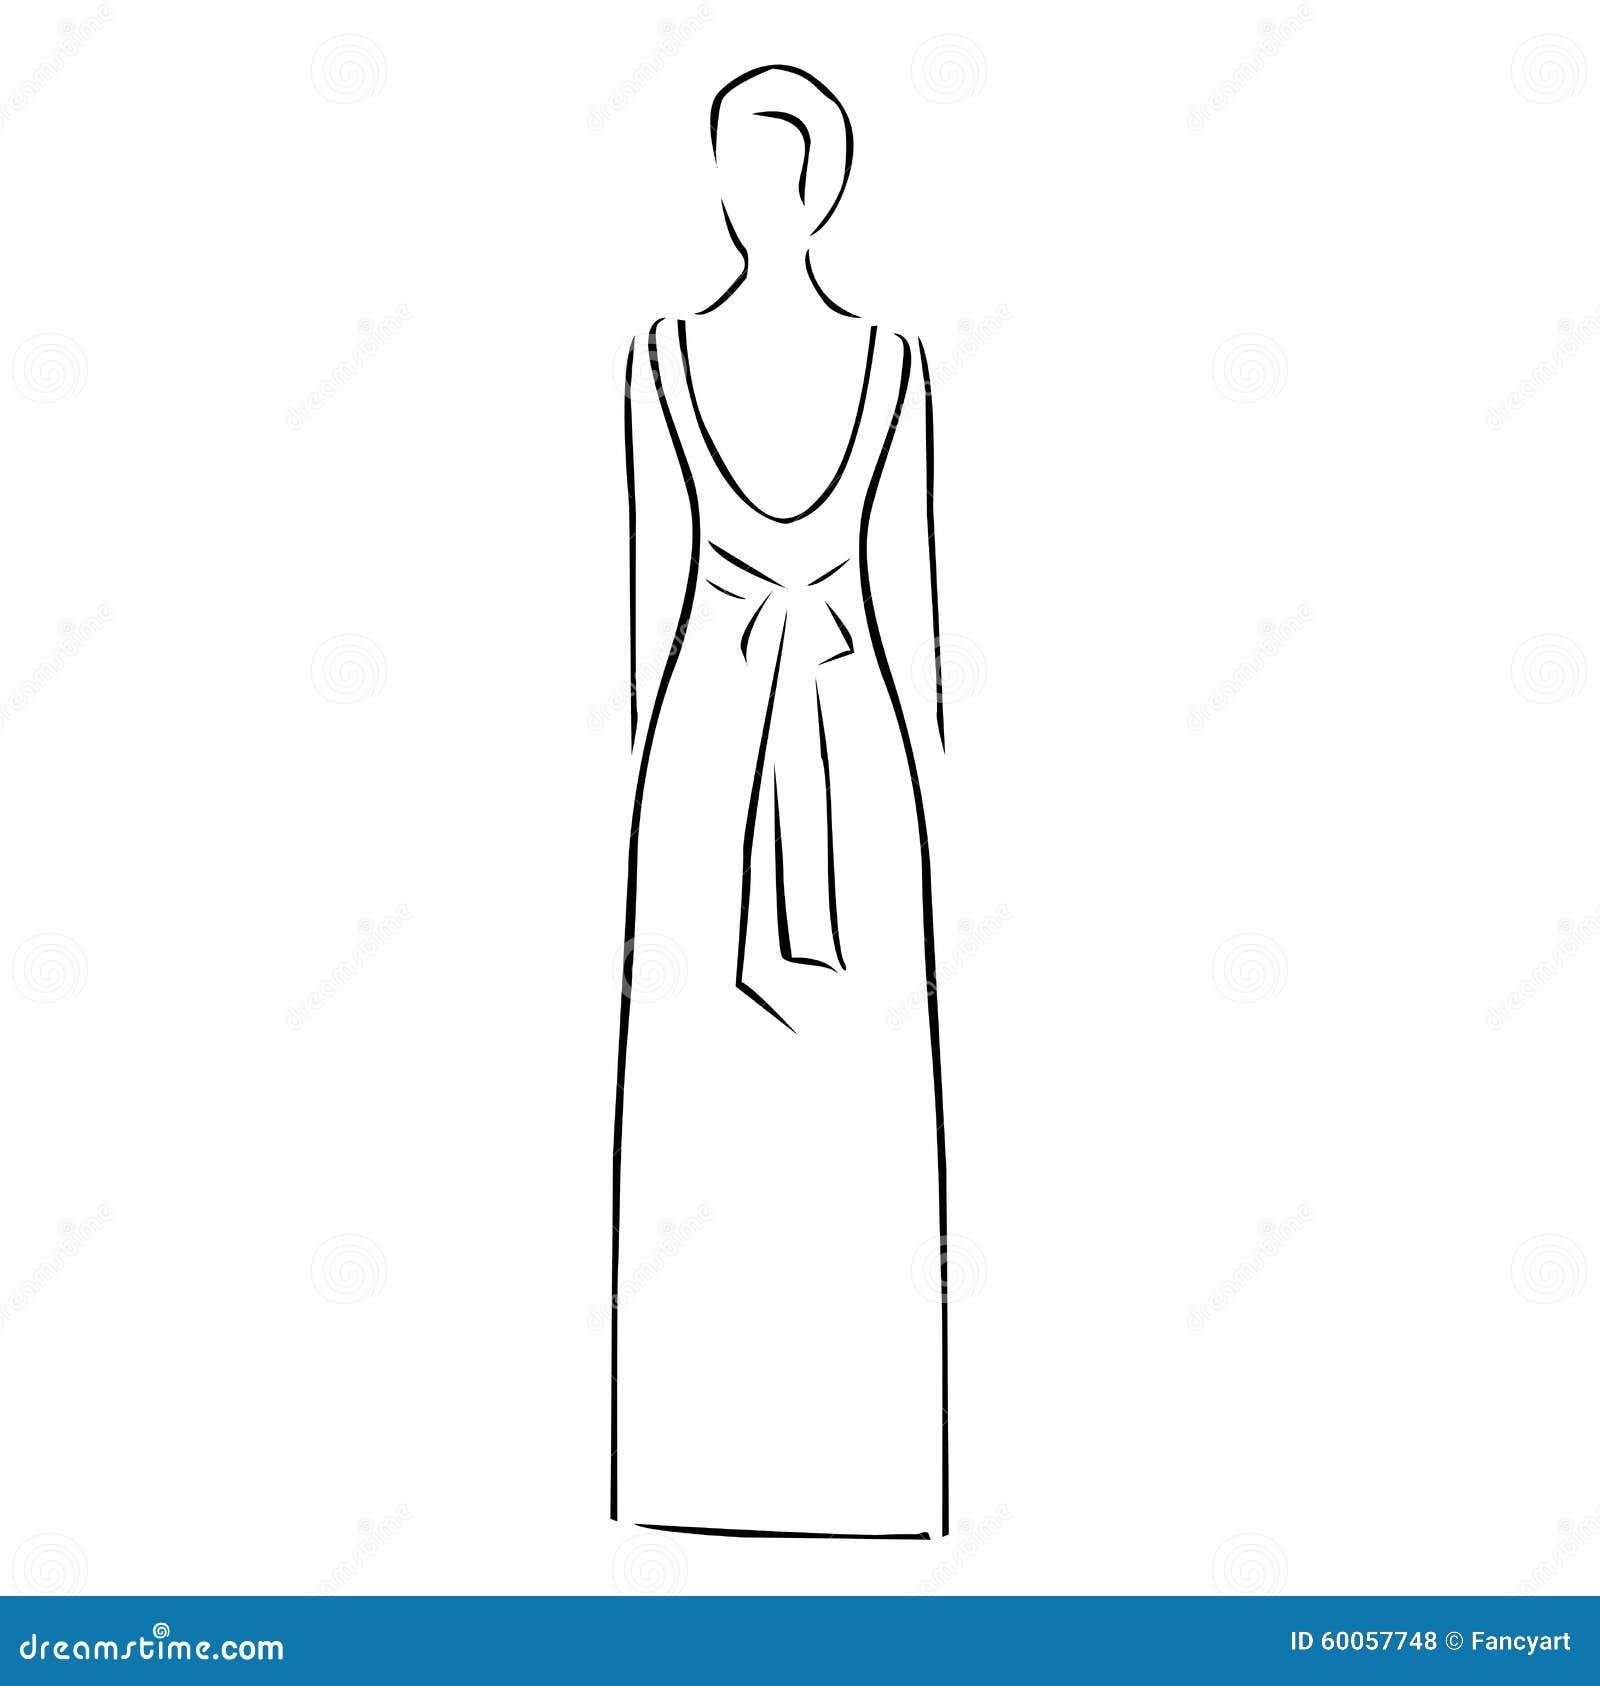 dessin abstrait d 39 une femme portant la robe sans dos illustration de vecteur image 60057748. Black Bedroom Furniture Sets. Home Design Ideas